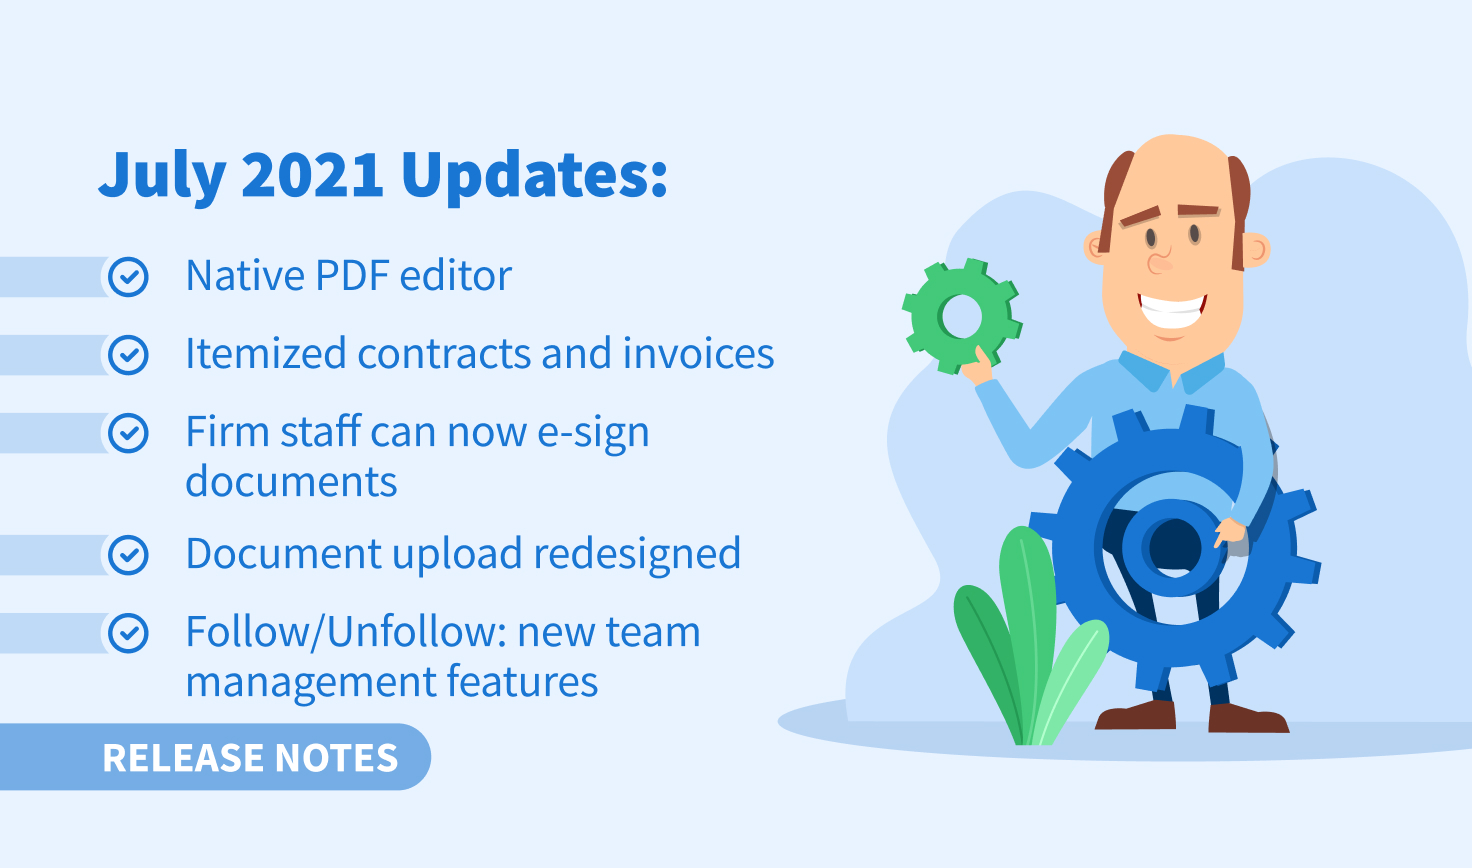 July 2021 Updates